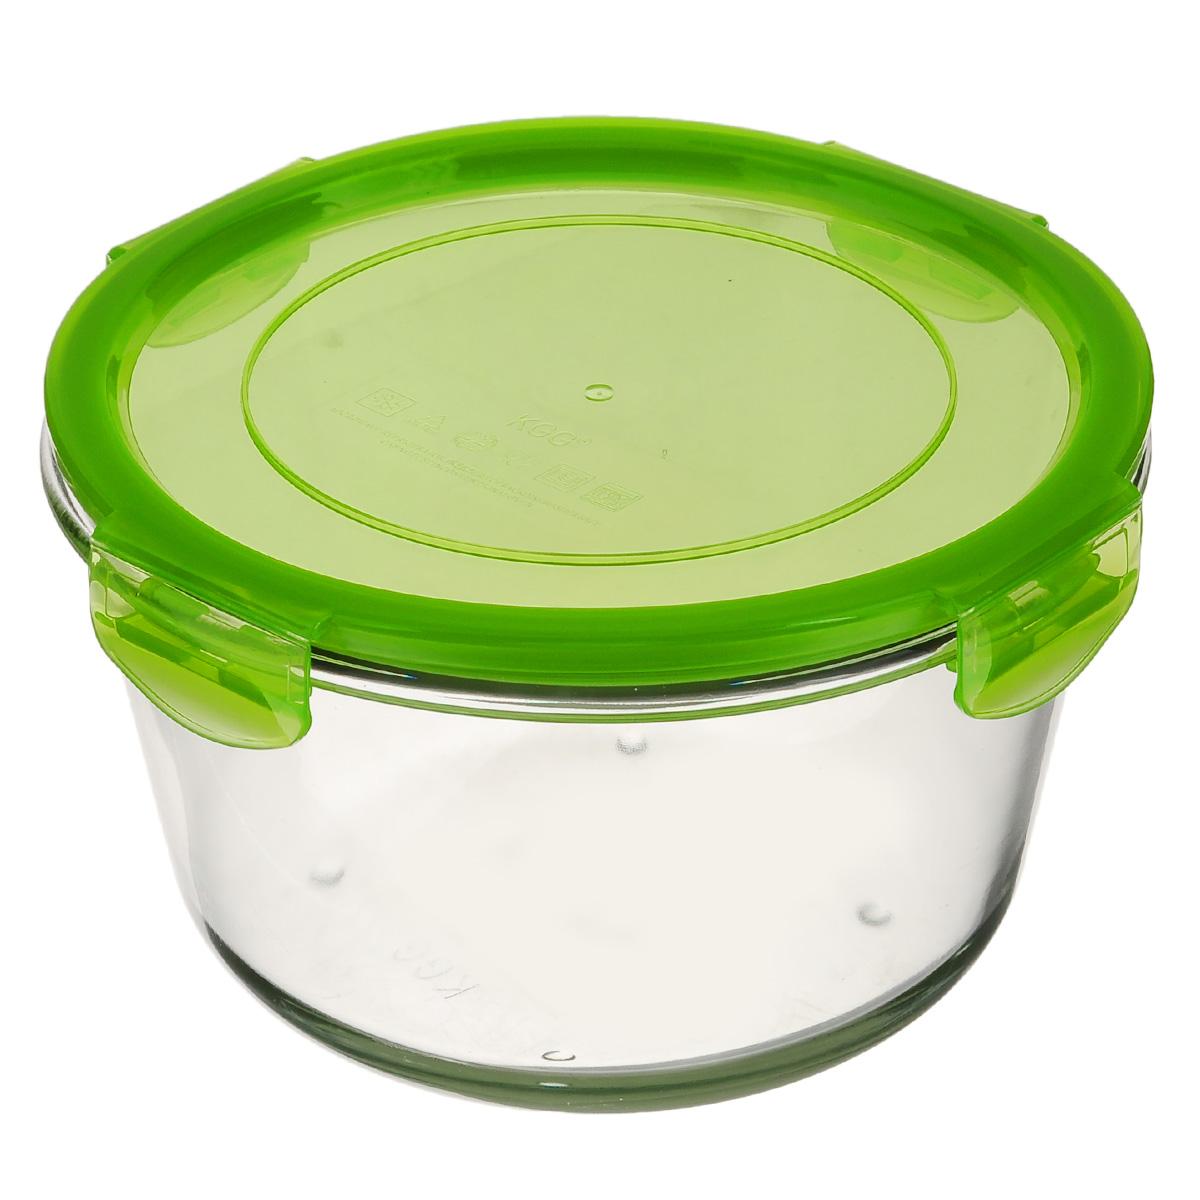 Форма для запекания Mijotex с крышкой, круглая, цвет: зеленый, диаметр 18 смLRD4CКруглая форма для запекания Mijotex изготовлена из жаропрочногостекла,которое выдерживает температуру до +450°С. Форма предназначена дляприготовления горячих блюд. Оснащена герметичной пластиковой крышкой с силиконовым уплотнителем для хранения продуктов. Материал изделиягигиеничен, прост в уходе и обладает высокой степенью прочности.Форма (без крышки) идеально подходит для использования в духовках, микроволновых печах, холодильниках и морозильных камерах. Также ее можно использовать на газовых плитах (на слабом огне) и на электроплитах. Можно мыть в посудомоечной машине. Диаметр формы (по верхнему краю): 18 см. Высота стенки формы: 11 см.